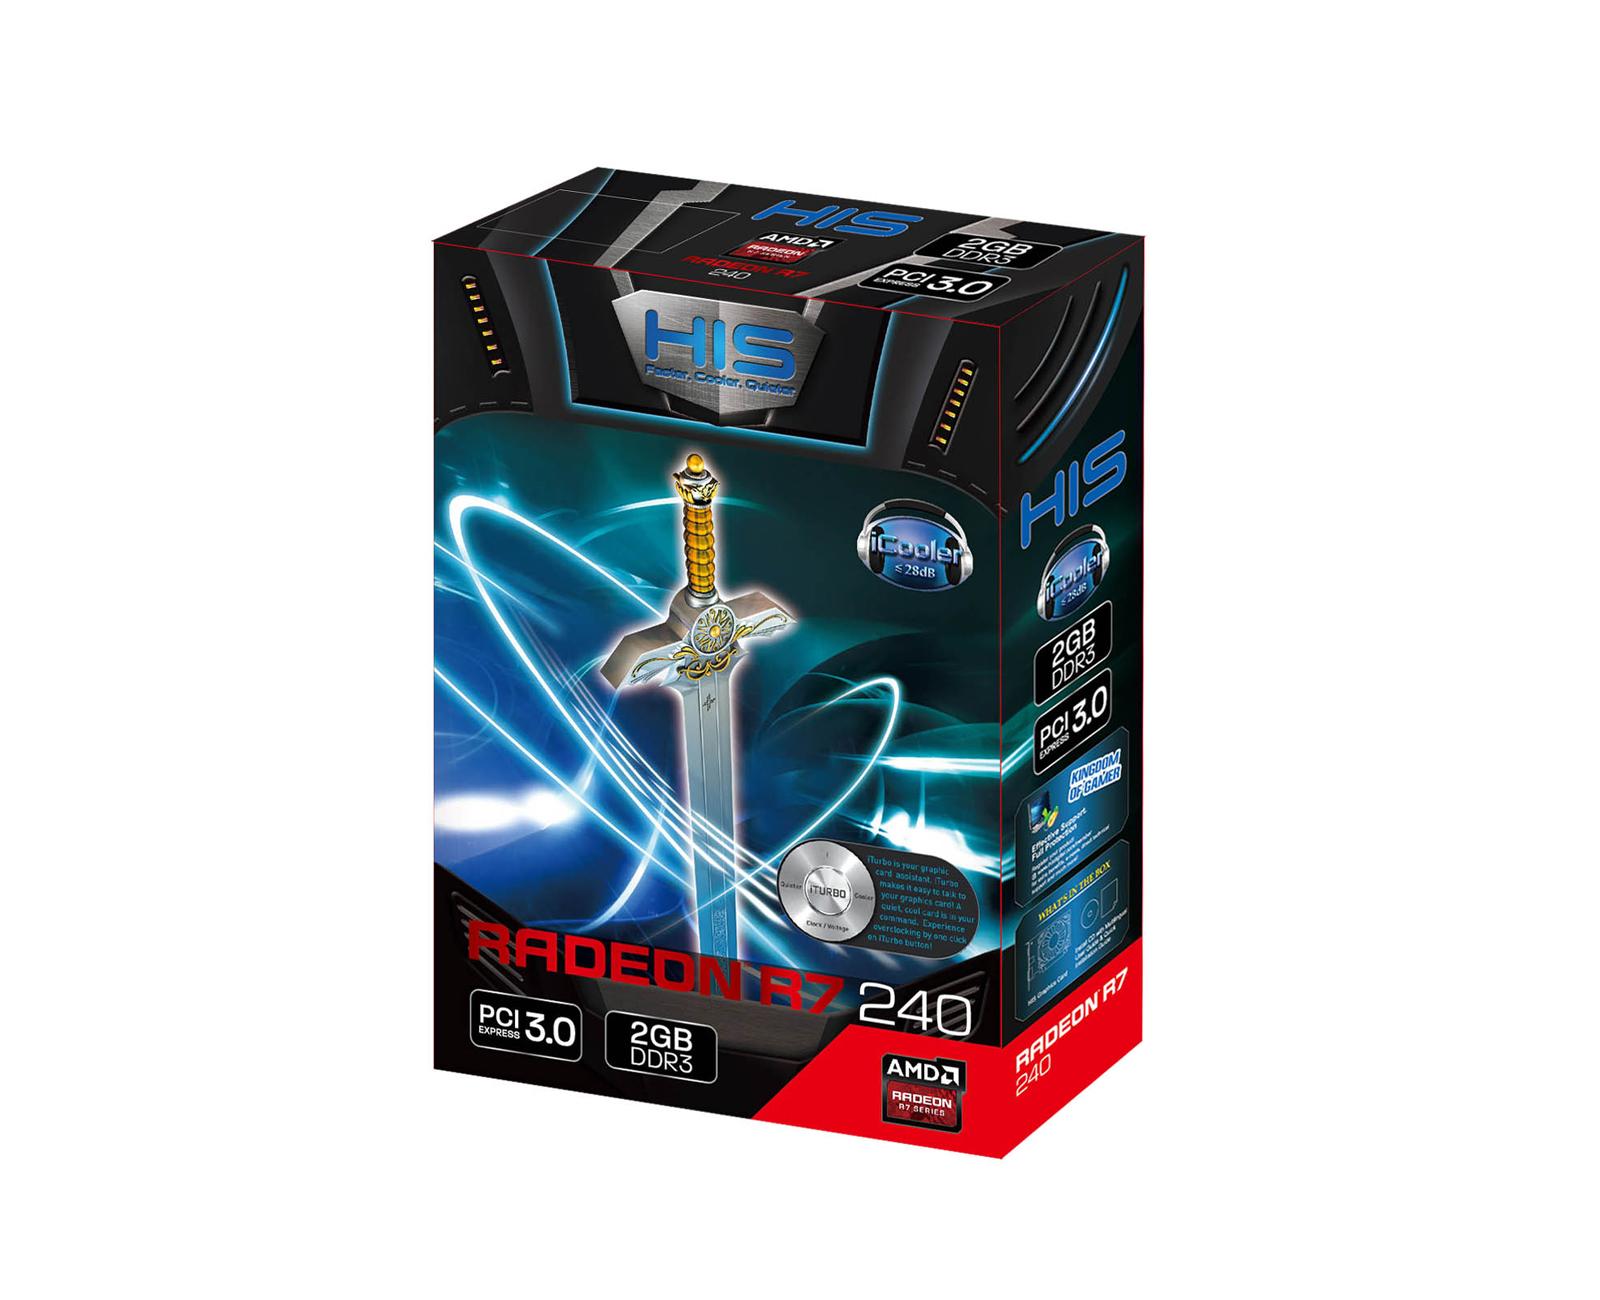 HIS R7 240 iCooler 2GB DDR3 PCI-E HDMI/SLDVI-D/VGA < R7 240